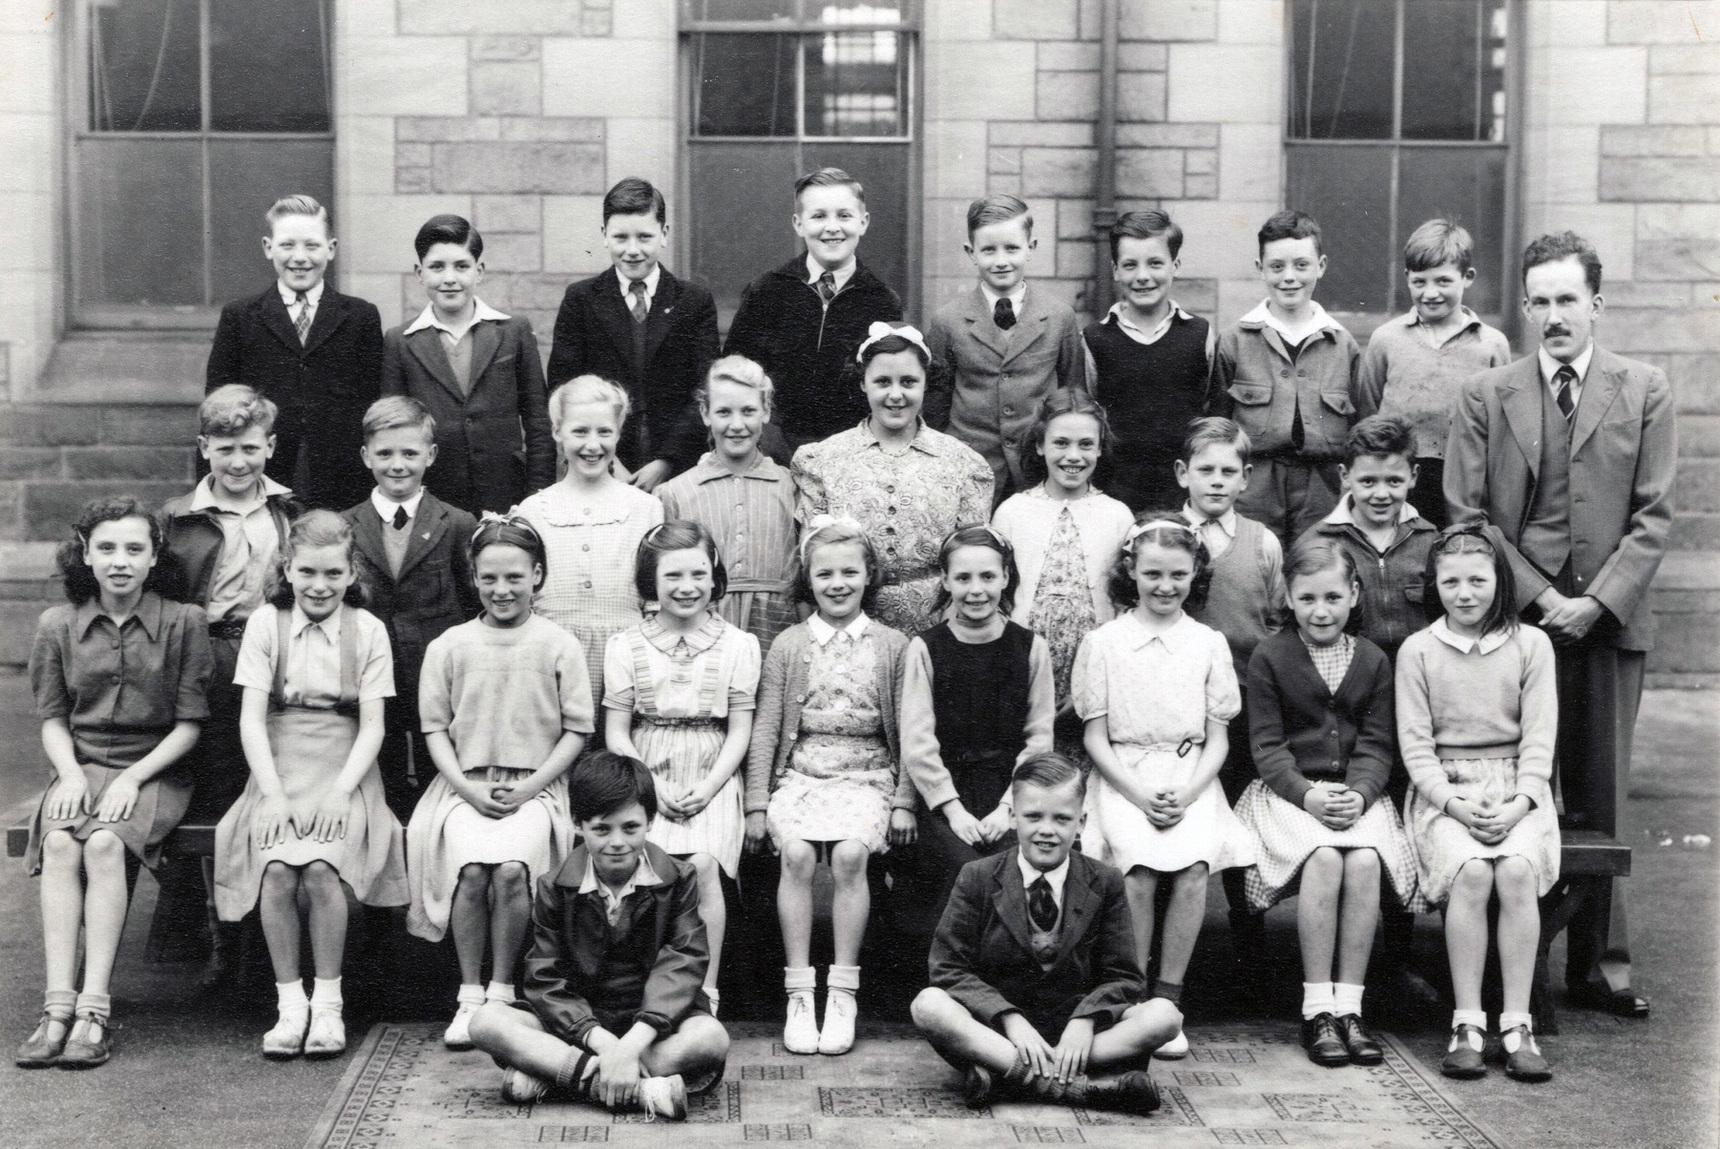 Bonnington Road School Class Portrait, June 1949